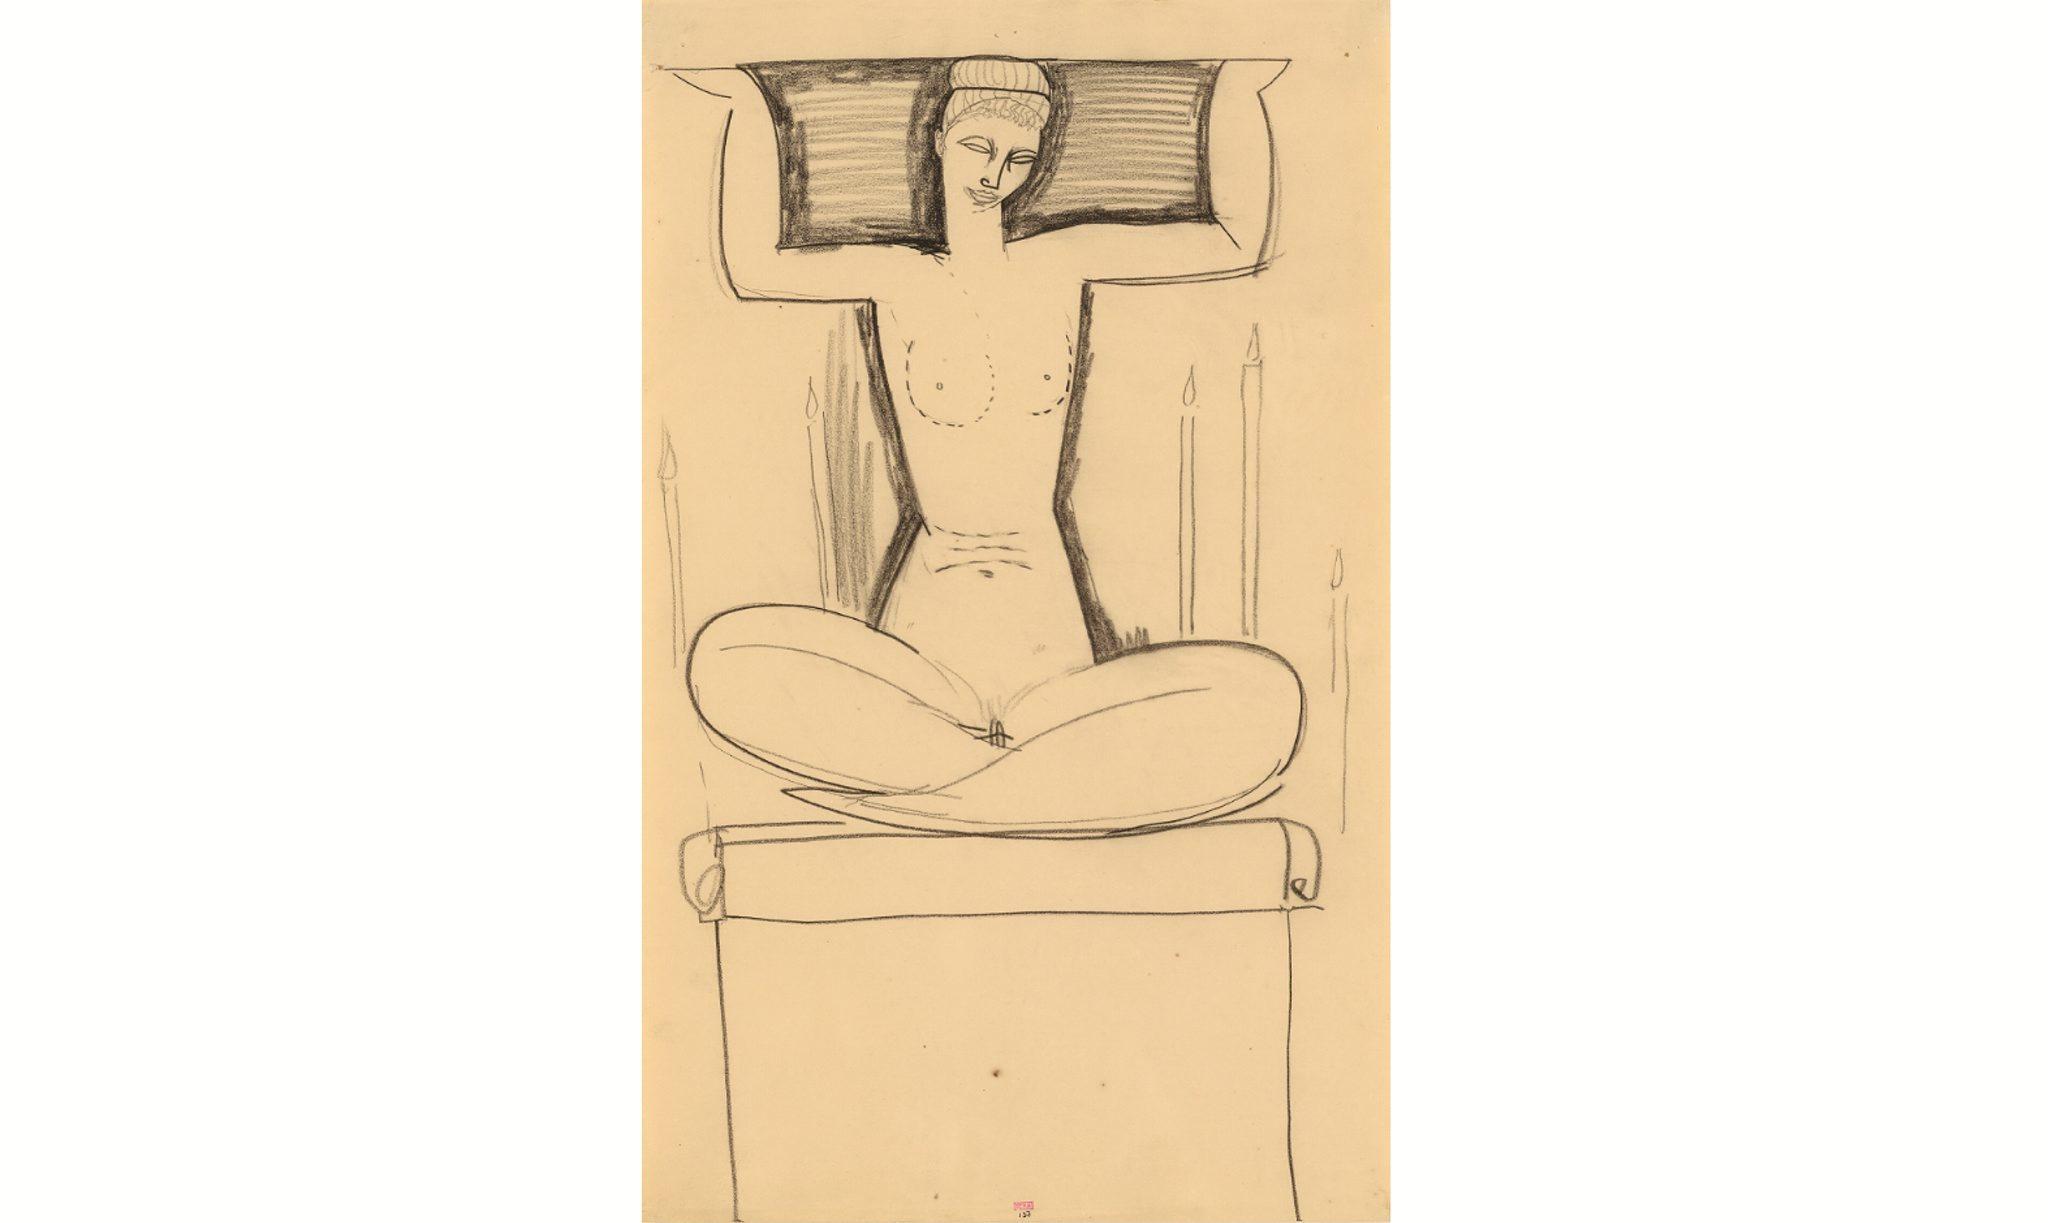 Modigliani: A Unique Artistic Voice